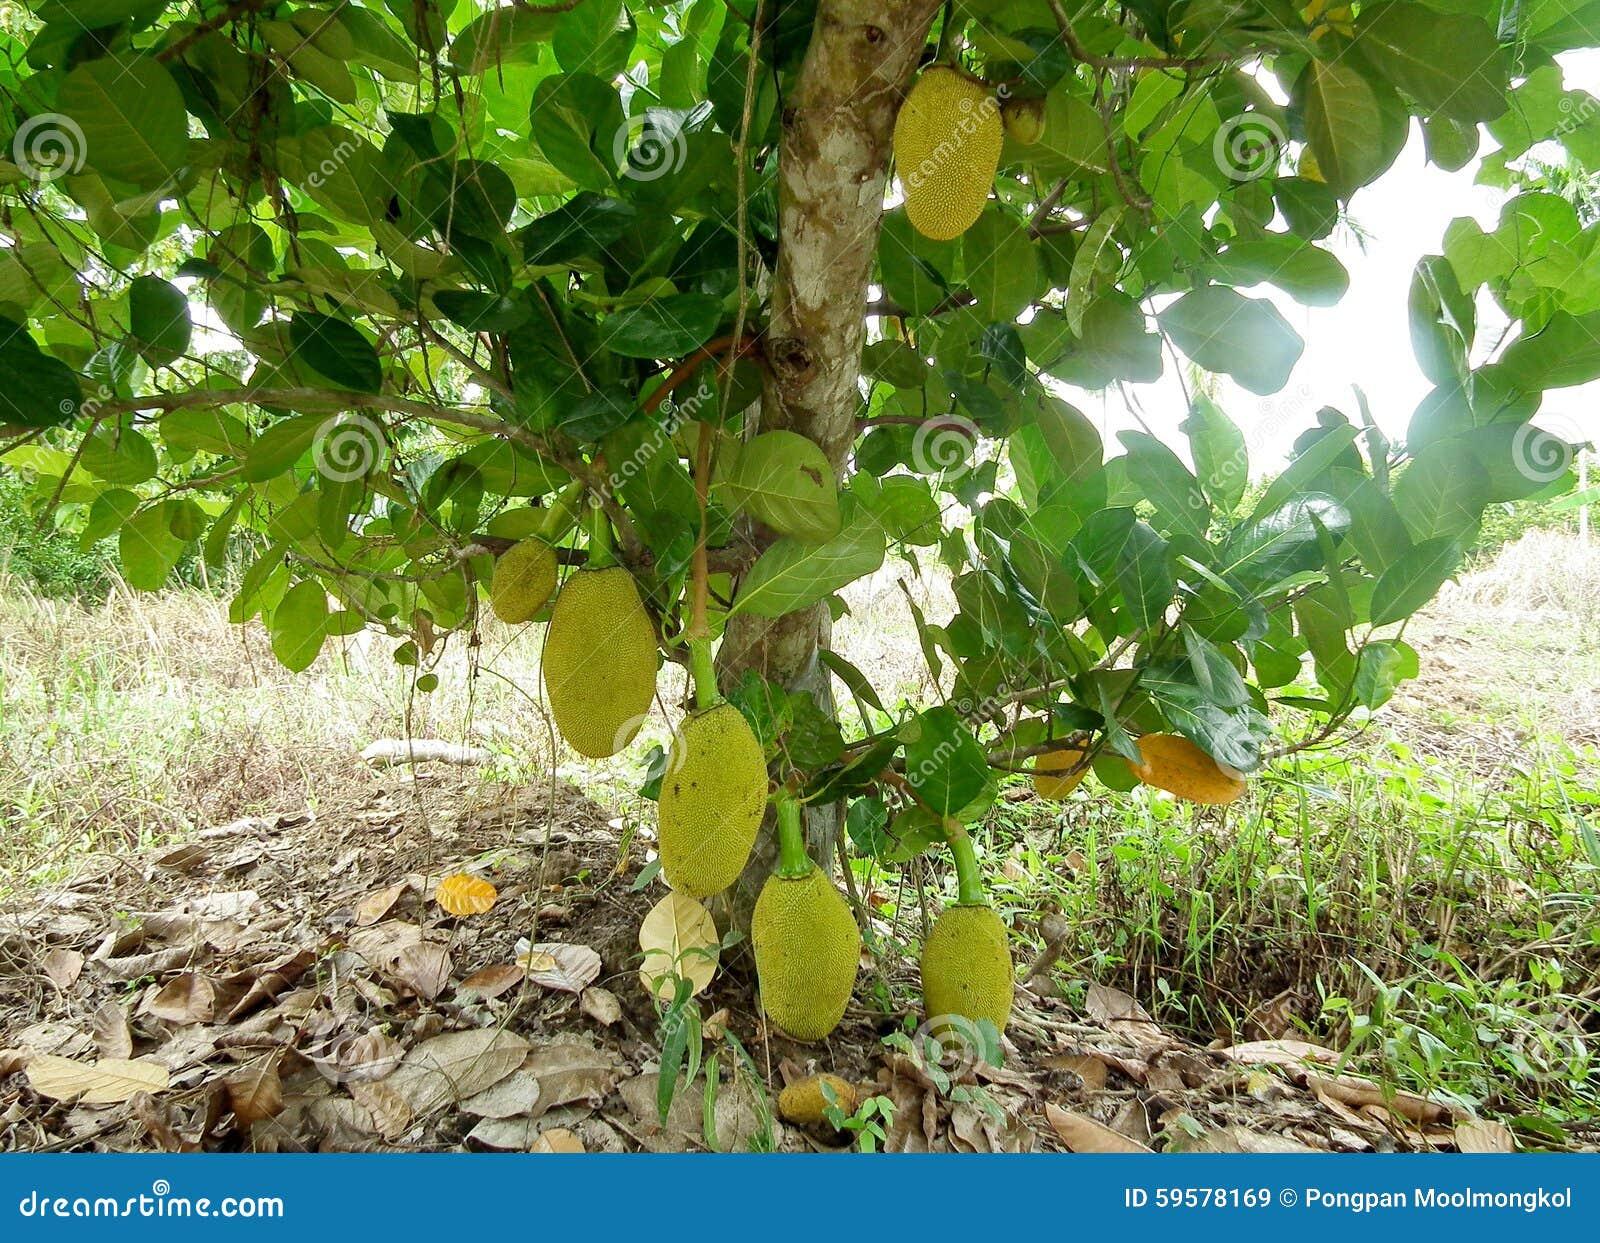 Jack Fruit  Phetchaburi Thailand Stock Image - Image of eatable